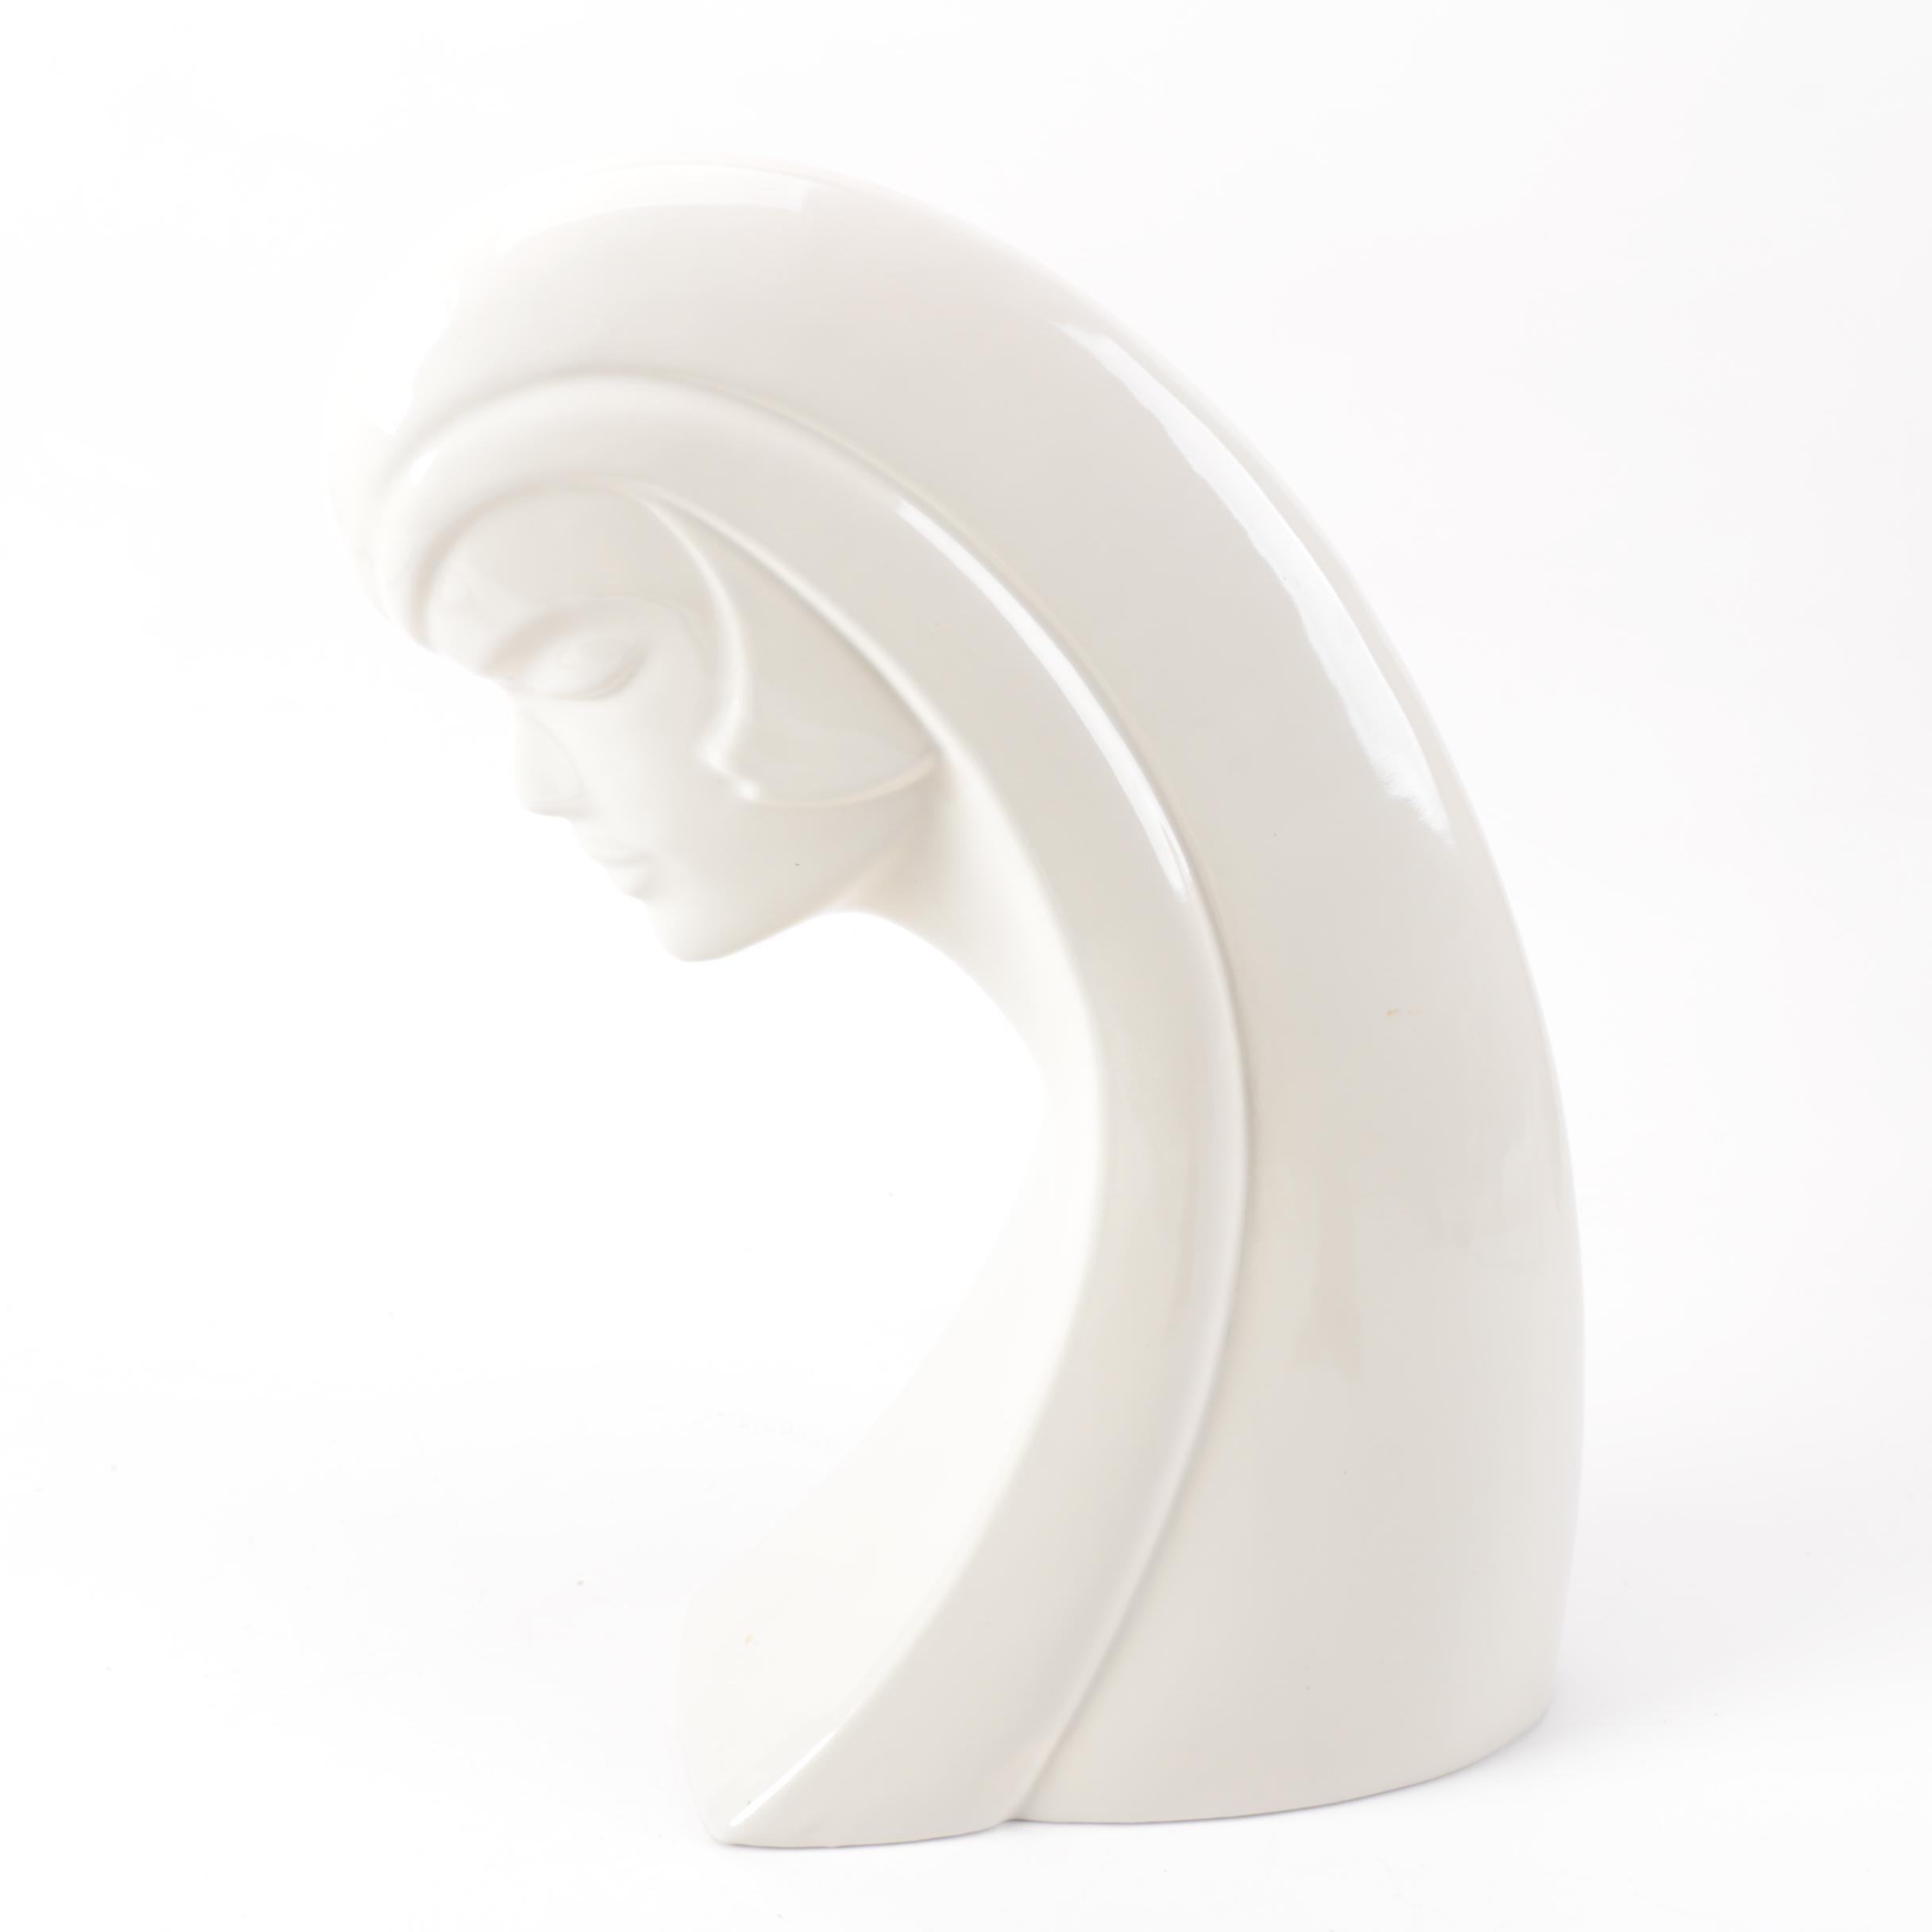 Haeger Art Deco Bust Figurine